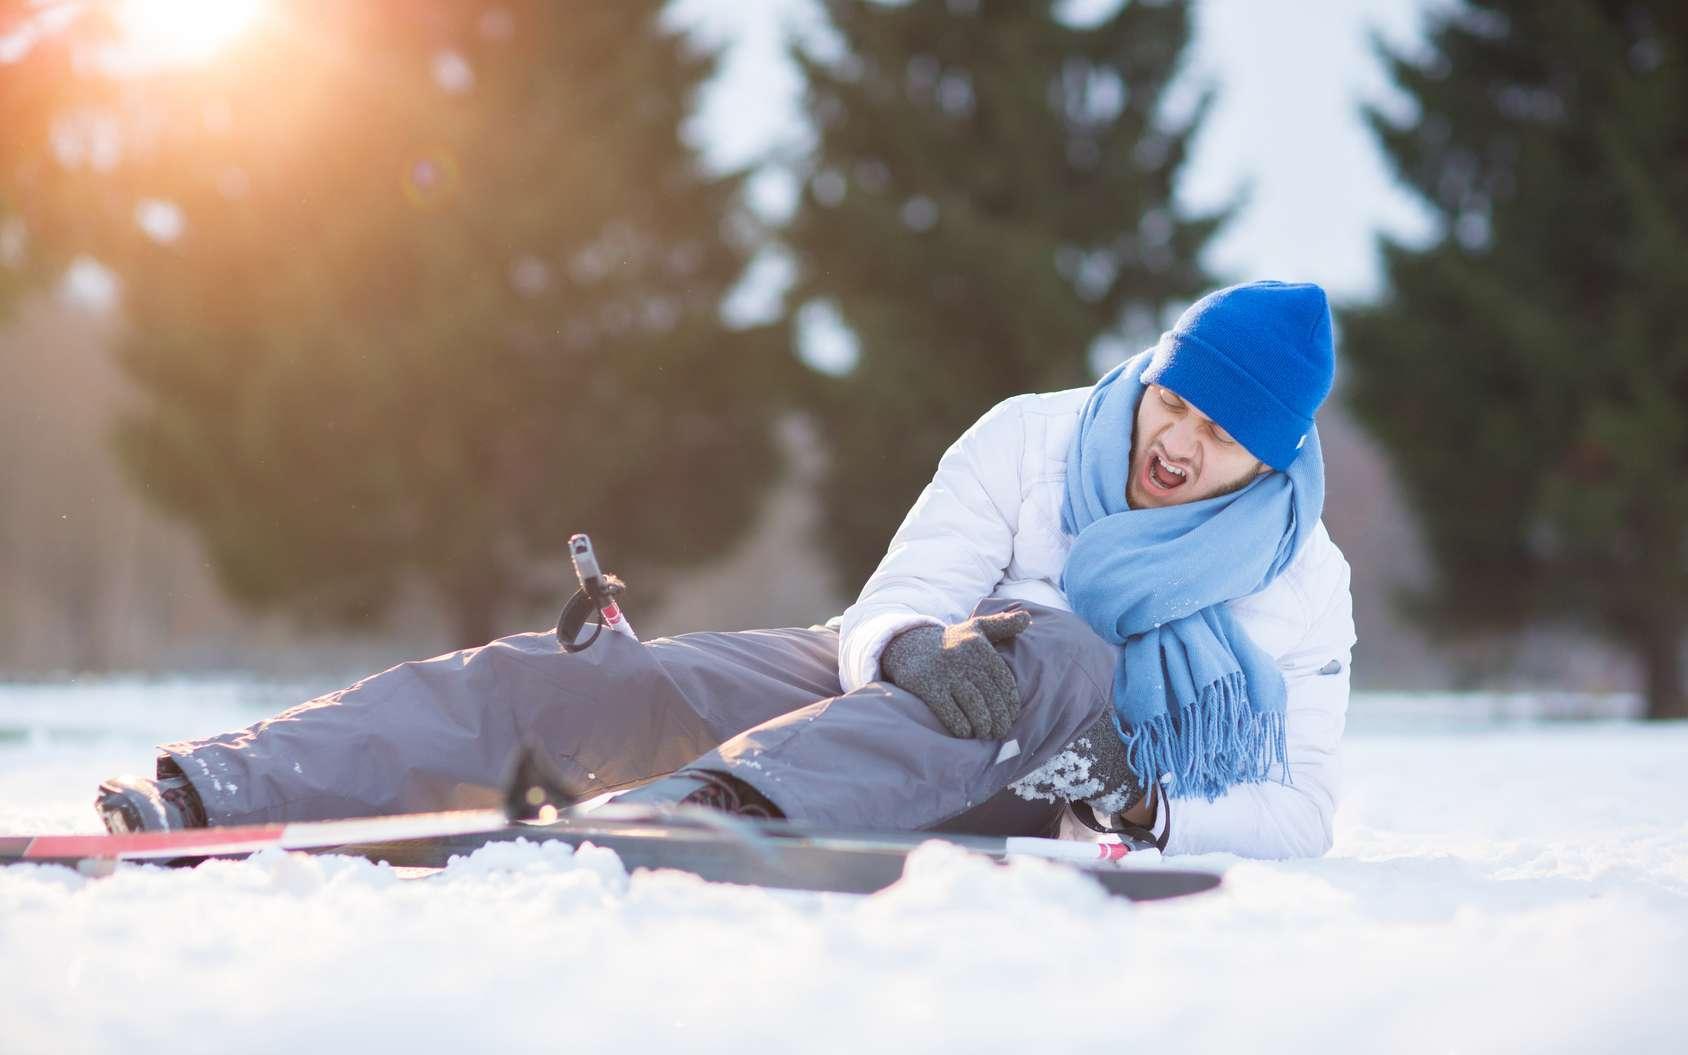 Les entorses du genou représentent 31 % des accidents en ski alpin. © pressmaster, Fotolia